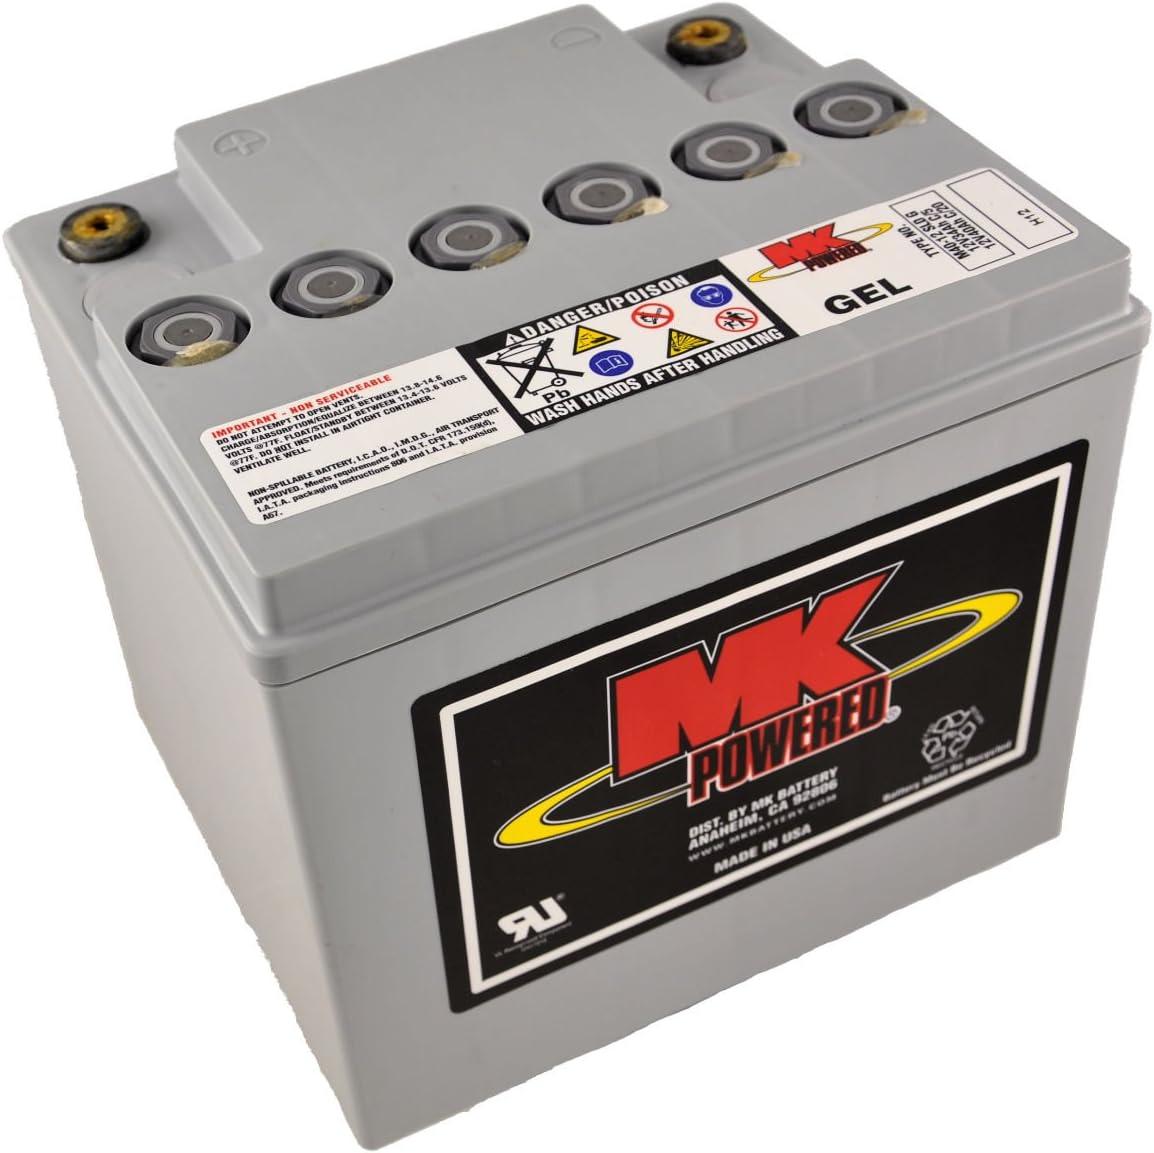 MK M40-12 SLD G - Batería de gel para sillas de ruedas y motos (12V, 40Ah)